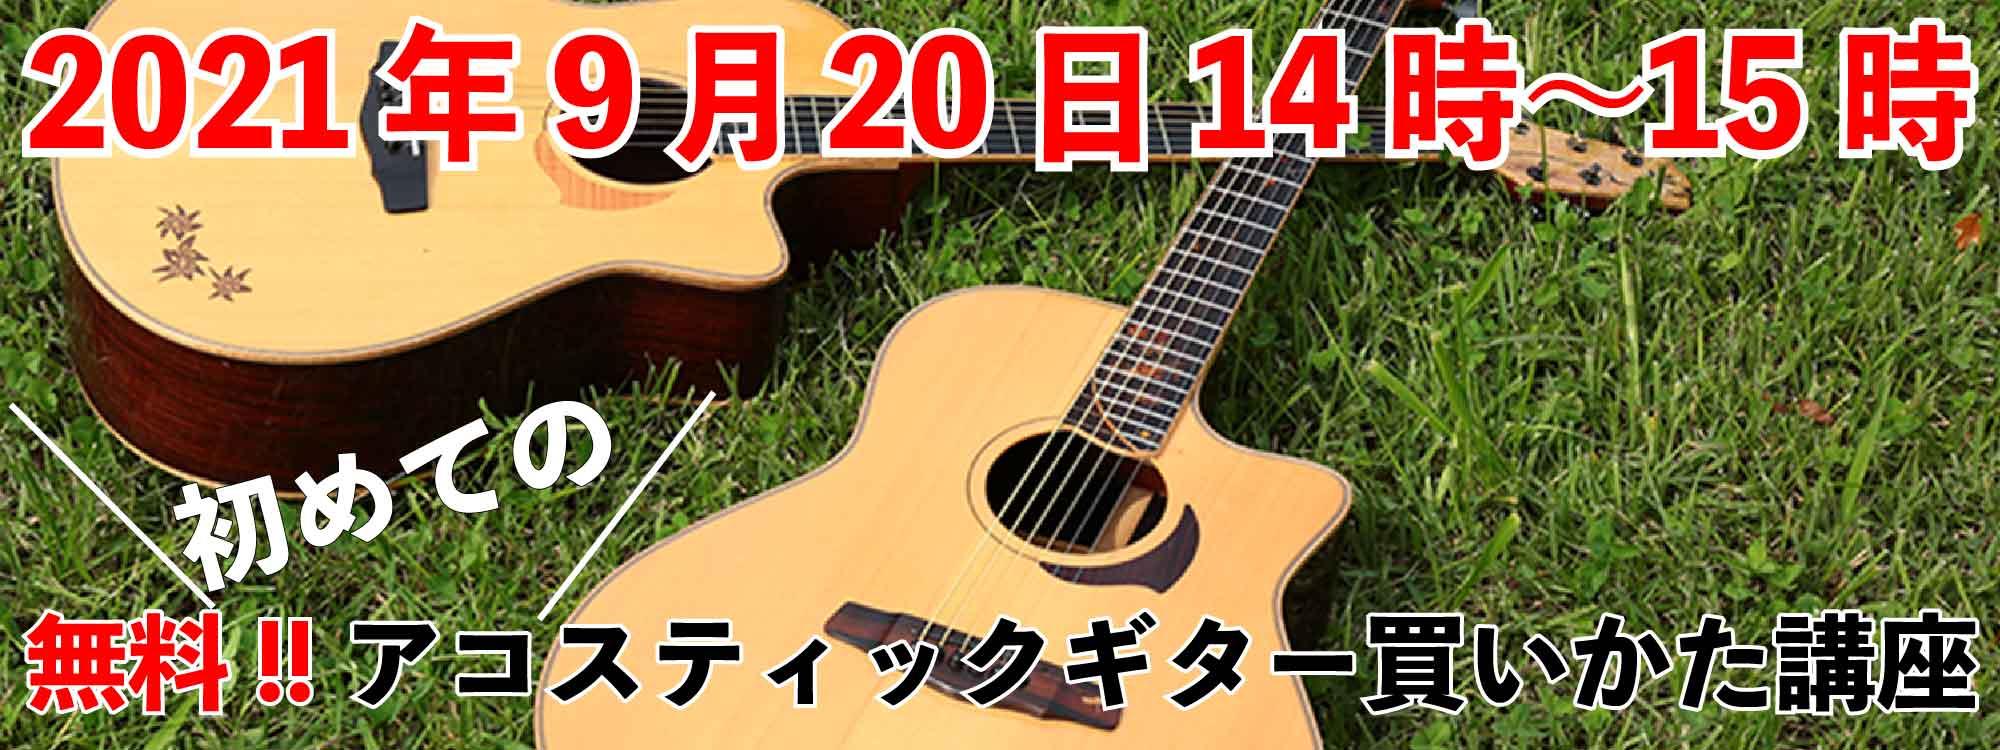 「無料!!初めてのアコスティックギター買いかた講座(feelギター教室 西東京市田無校)」